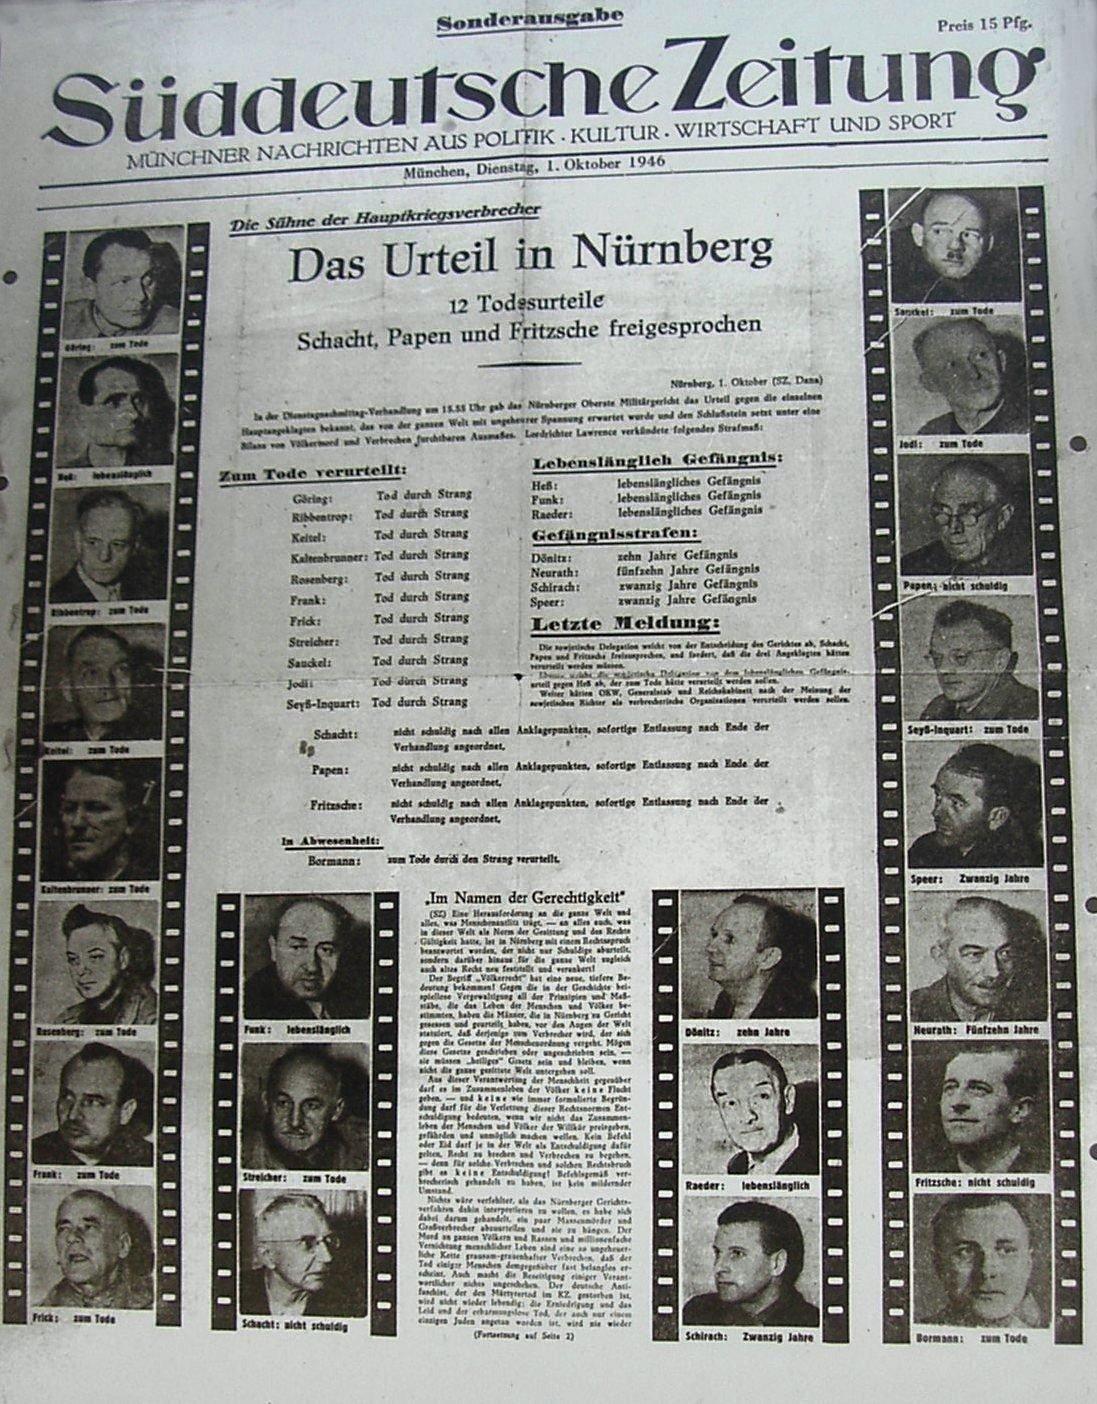 Плакат с фотографиями обвиняемых фашистских главарей